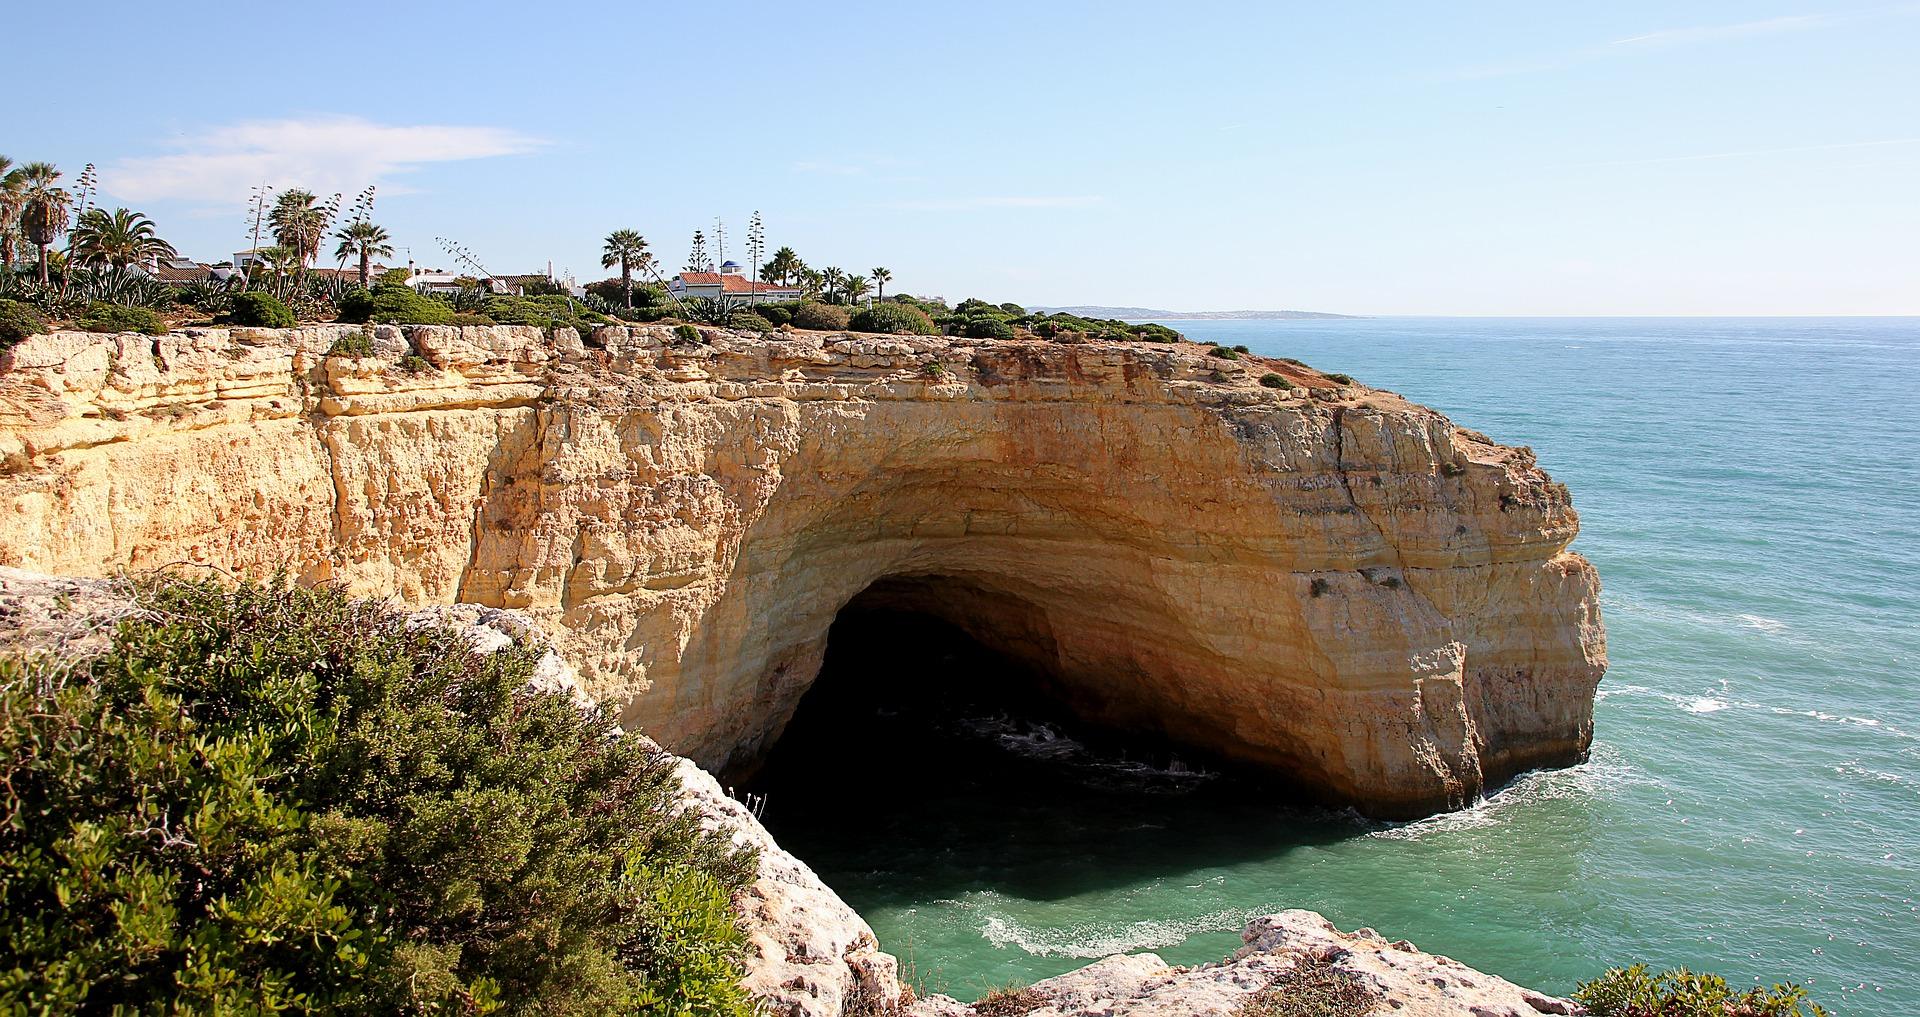 Die Meereshöhlen sind mit abstand die schönsten Sehenswürdigkeiten